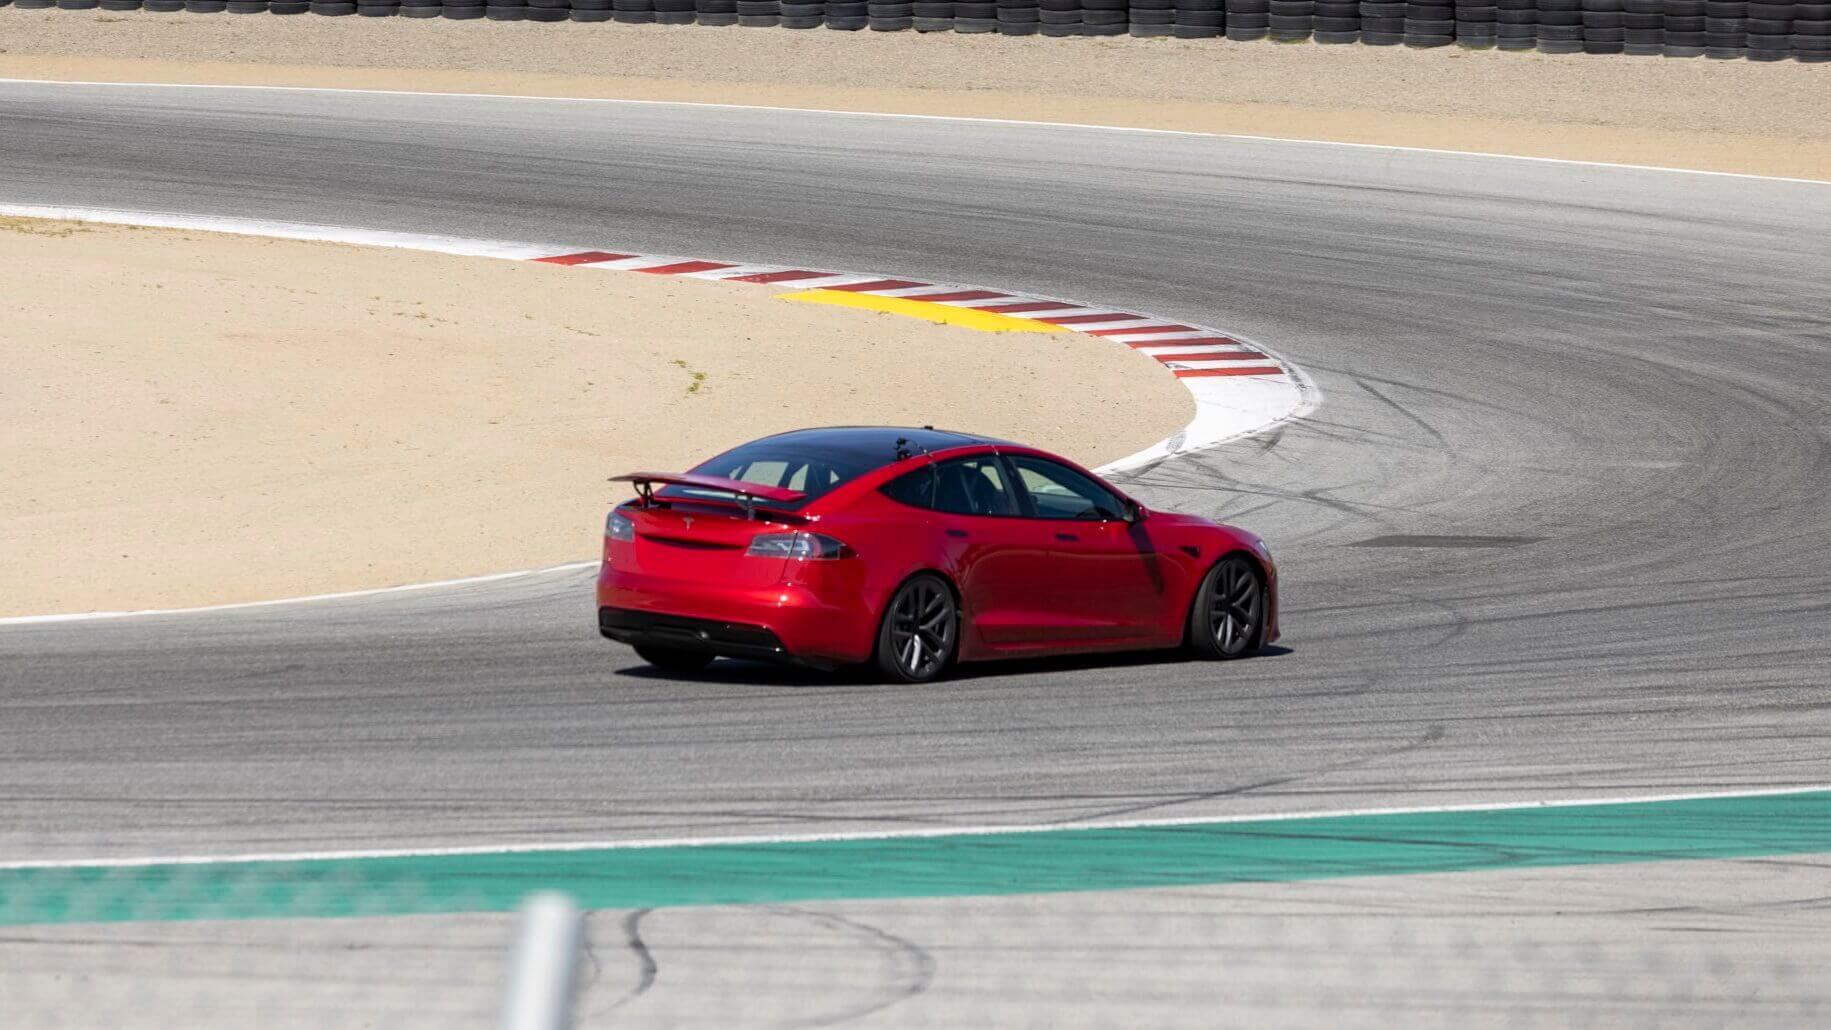 Прототип Tesla Model S Plaid с выдвижным спойлером замечен на гоночной трассе Laguna Seca